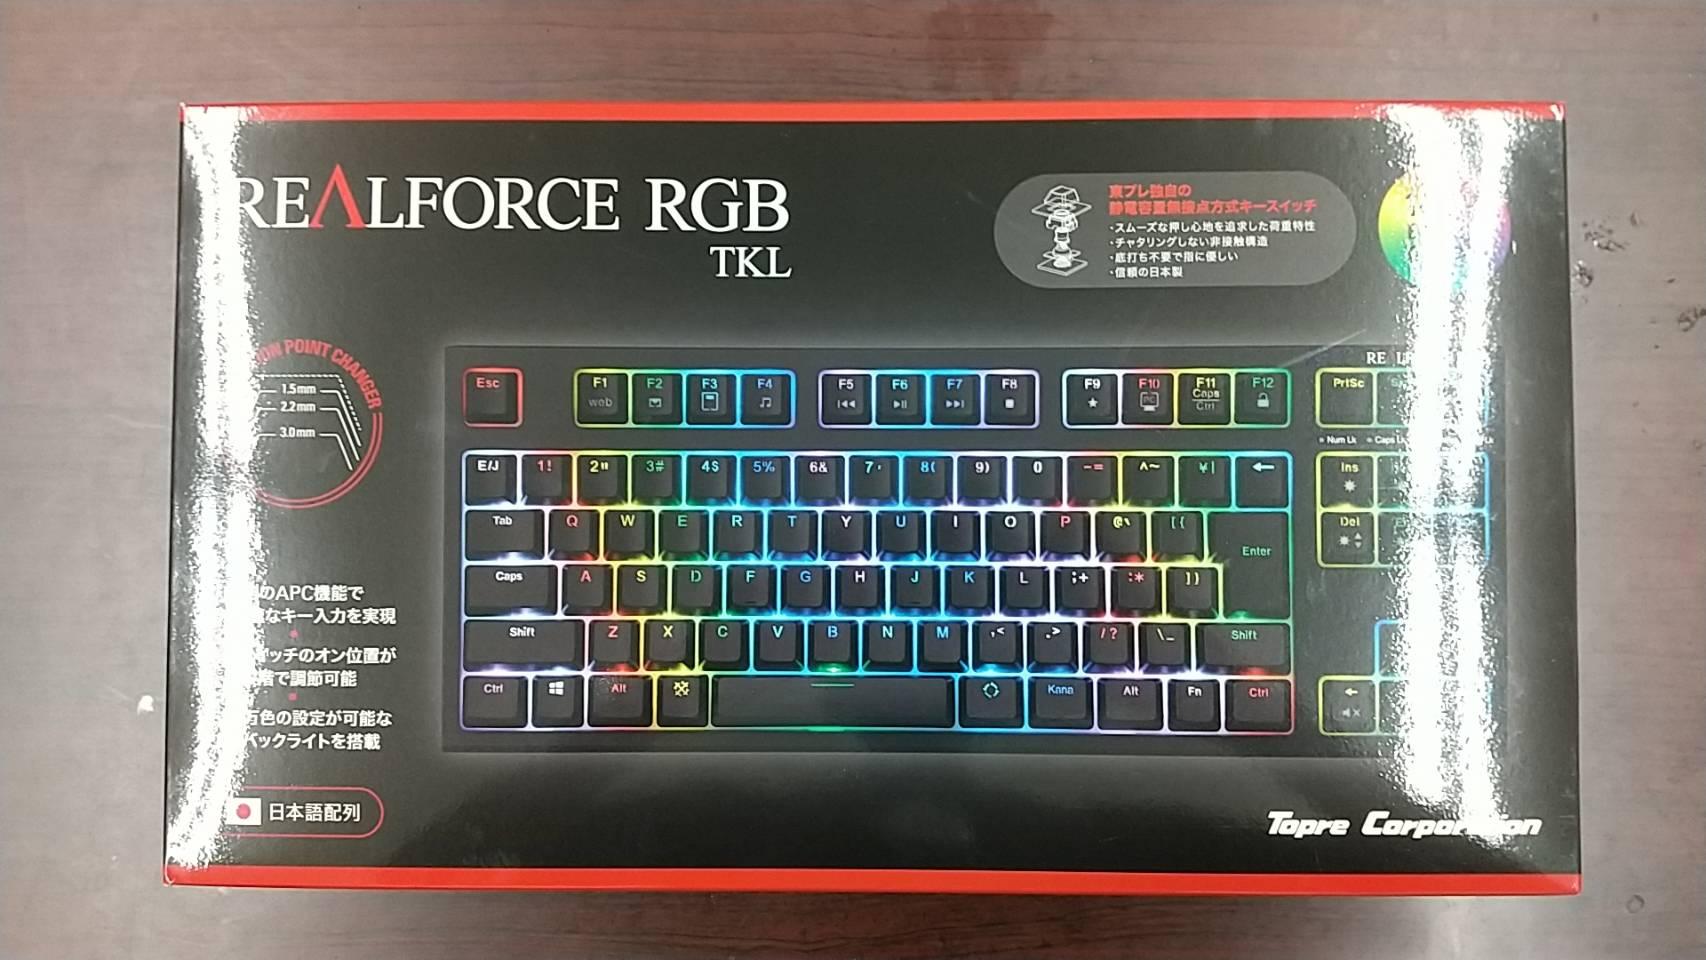 【美品!東プレ RealForce リアルフォース ゲーミングーボード 日本語配列かな無し テンキーレス LEDバックライト搭載REALFORCE R2 RGB TKL】を買取致しました!!の買取-